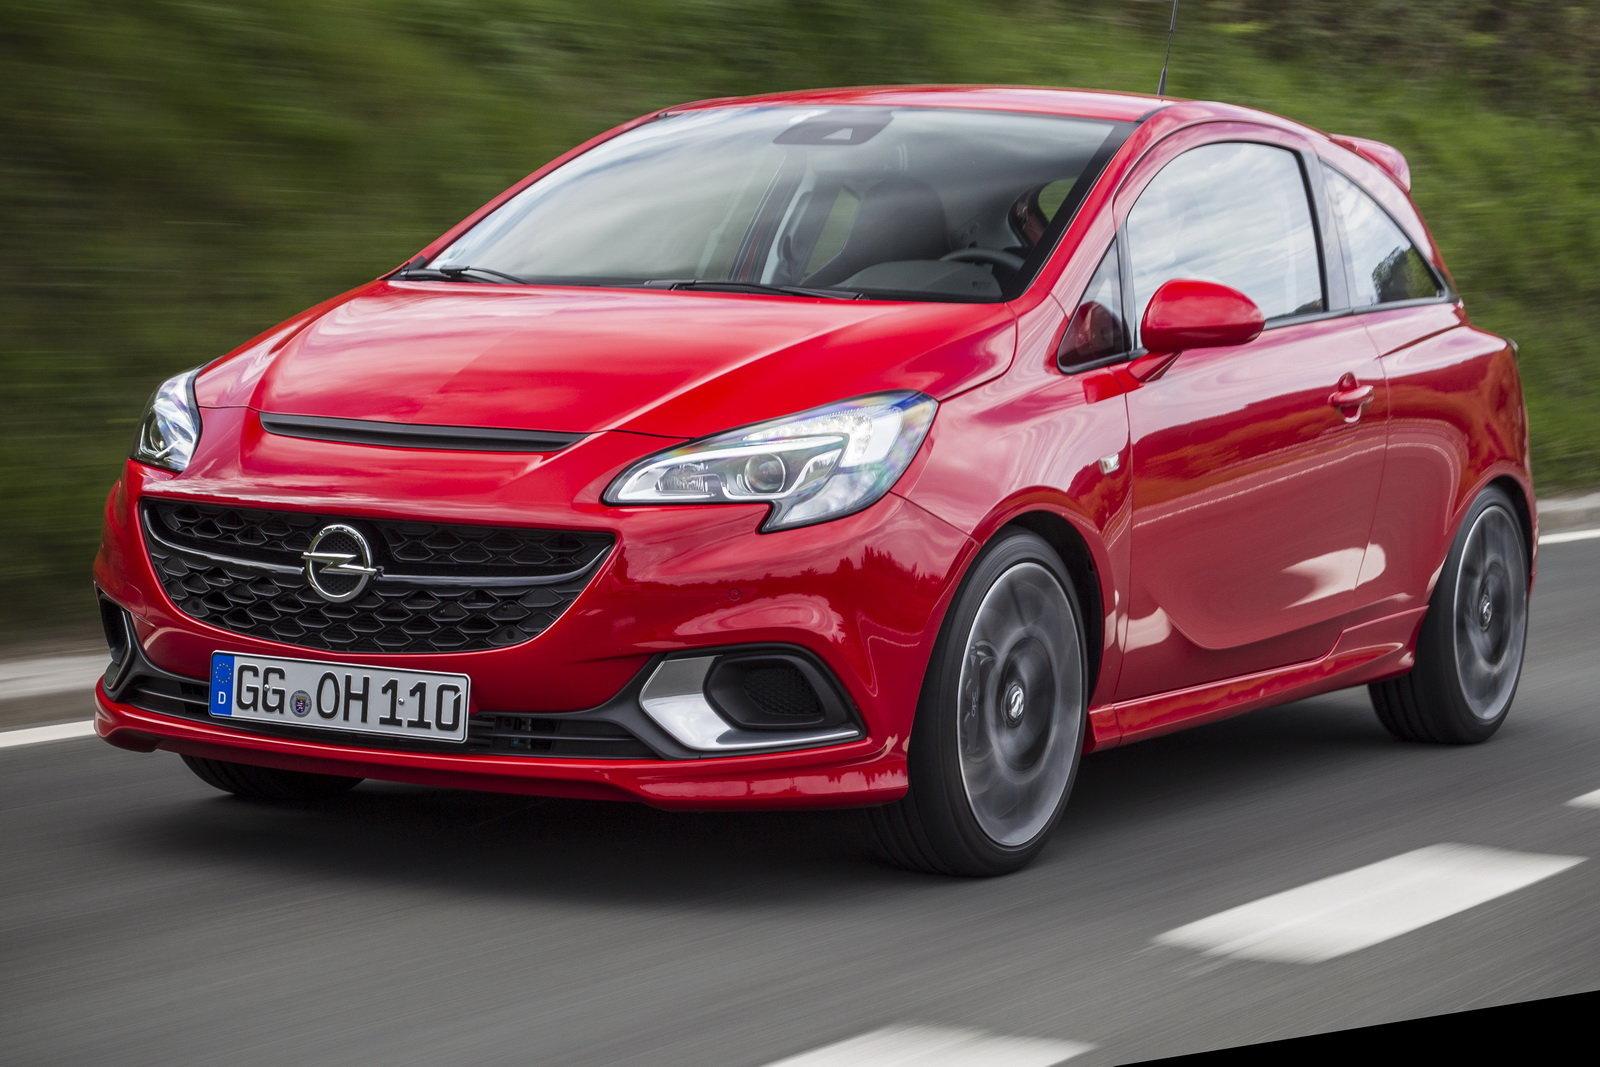 Opel Corsa Prova Scheda Tecnica Opinioni E Dimensioni 1 6 Turbo Opc 3 Porte